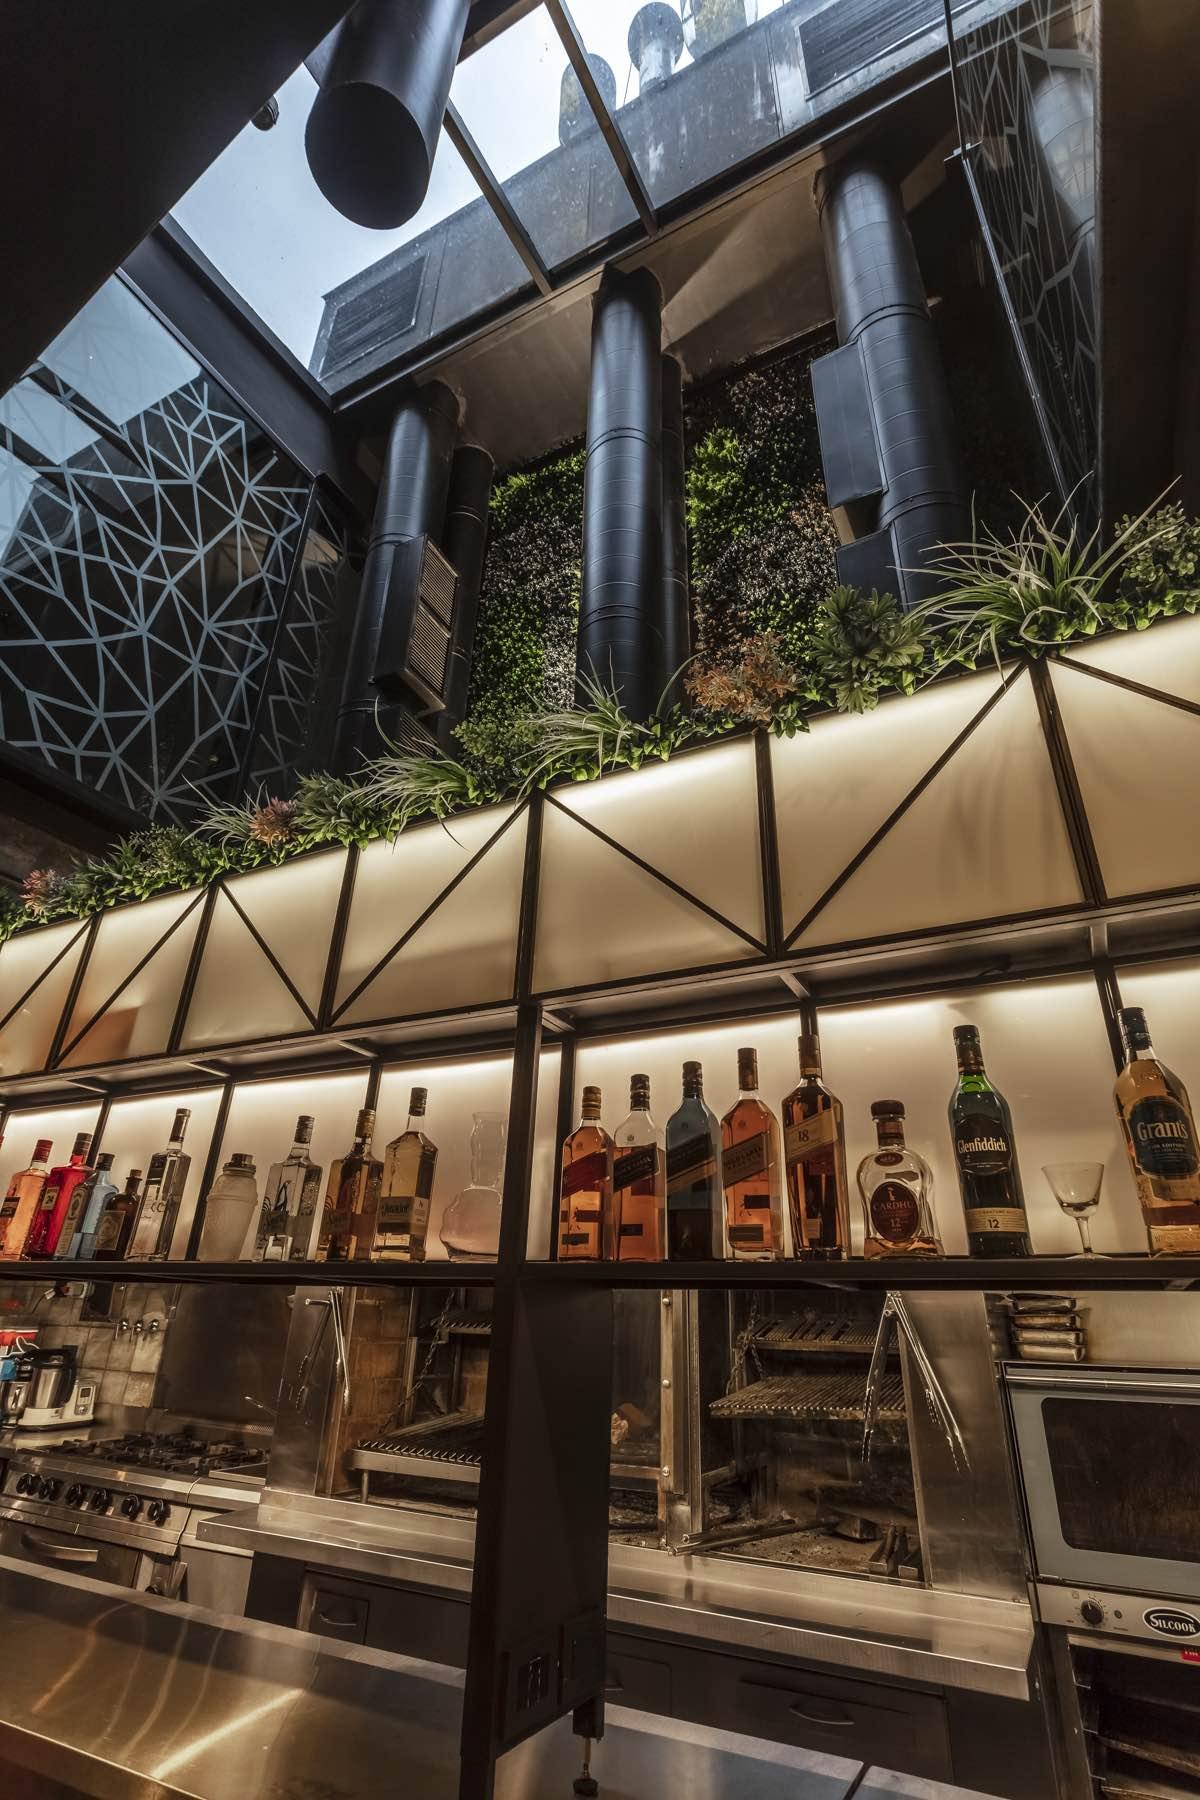 the skylight over the bar